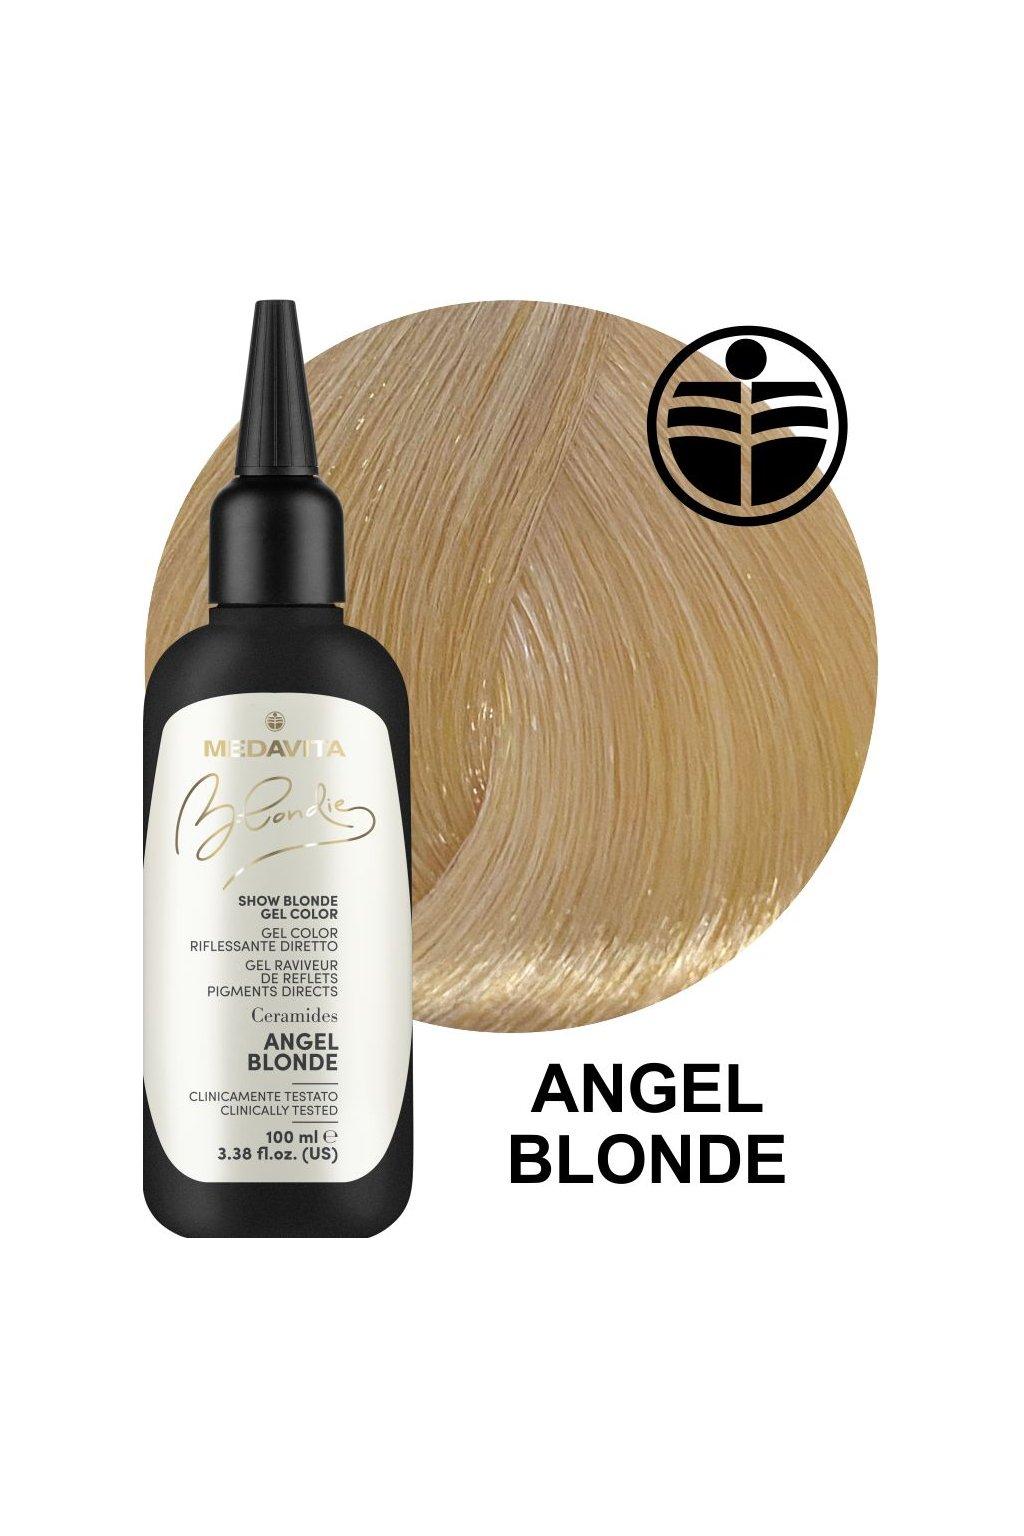 ANGEL BLONDE mv blondie2